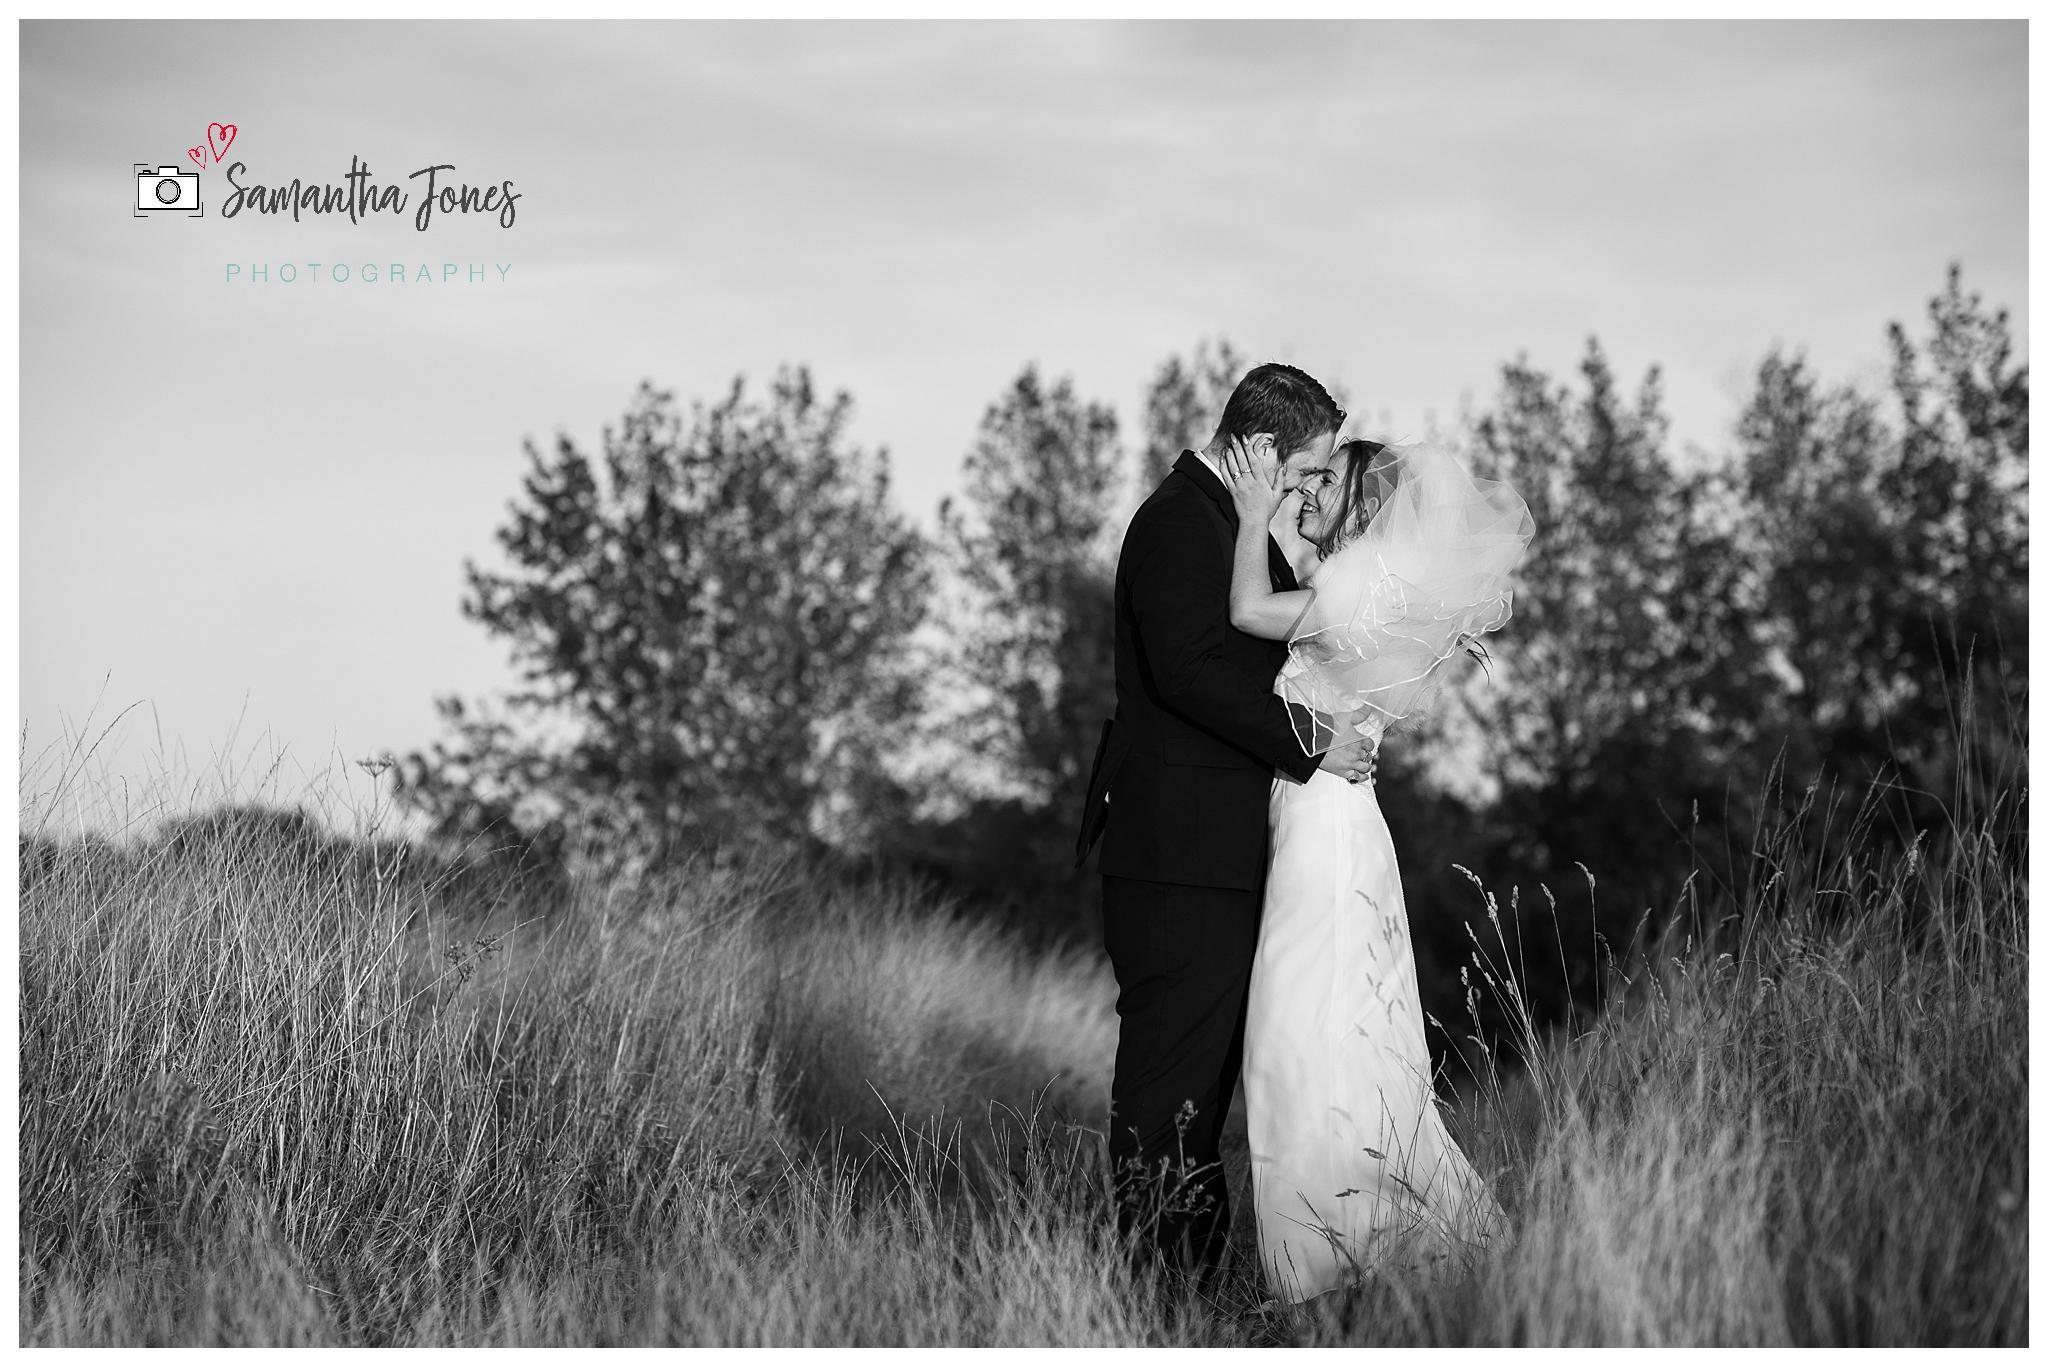 twilight wedding bride and groom golden hour